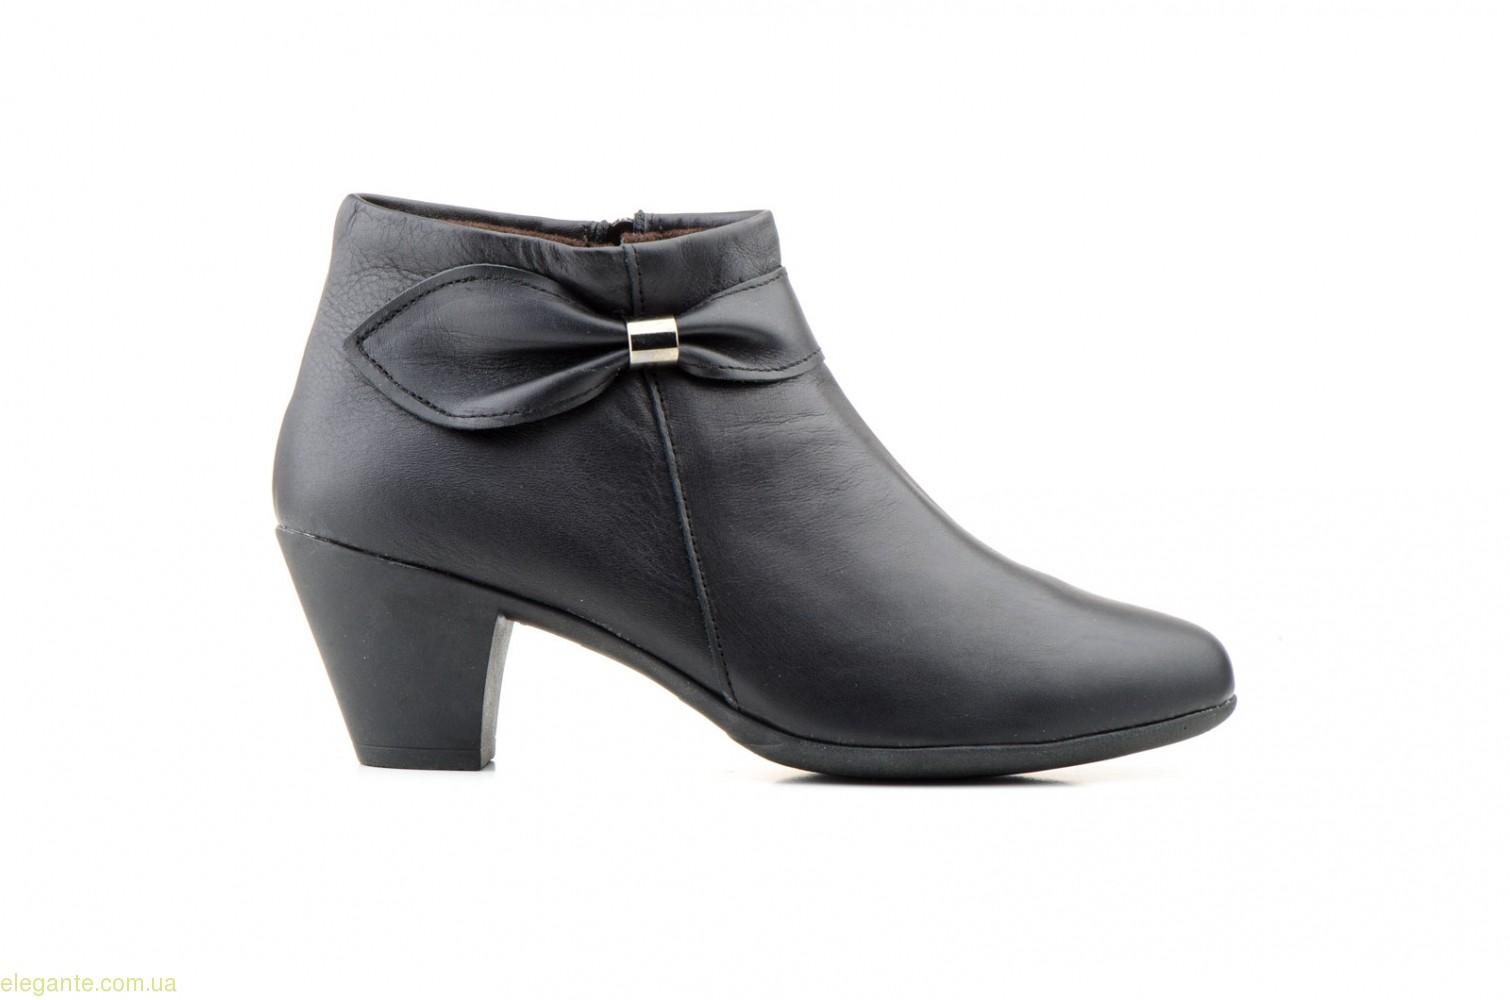 Жіночі черевики CUTILLAS чорні 0